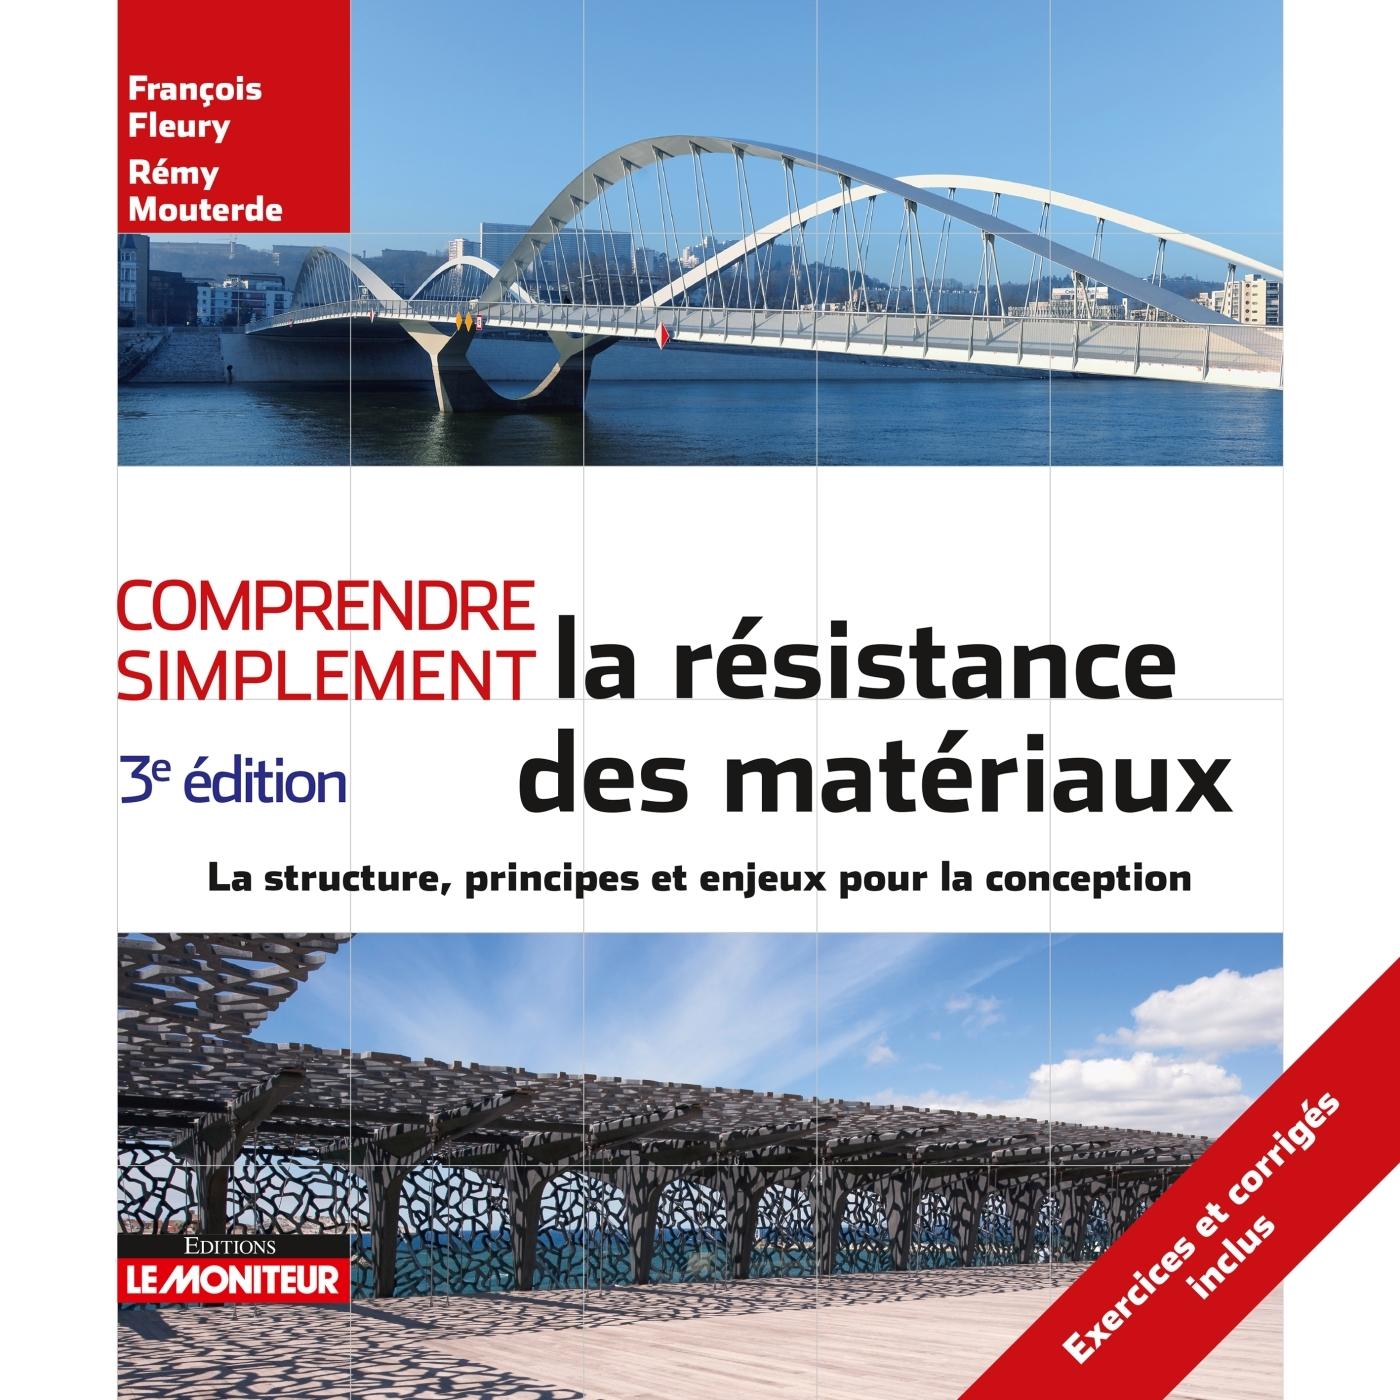 LE MONITEUR - 3E EDITION 2019 - COMPRENDRE SIMPLEMENT LA RESISTANCE DES MATERIAUX - LA STRUCTURE, PR